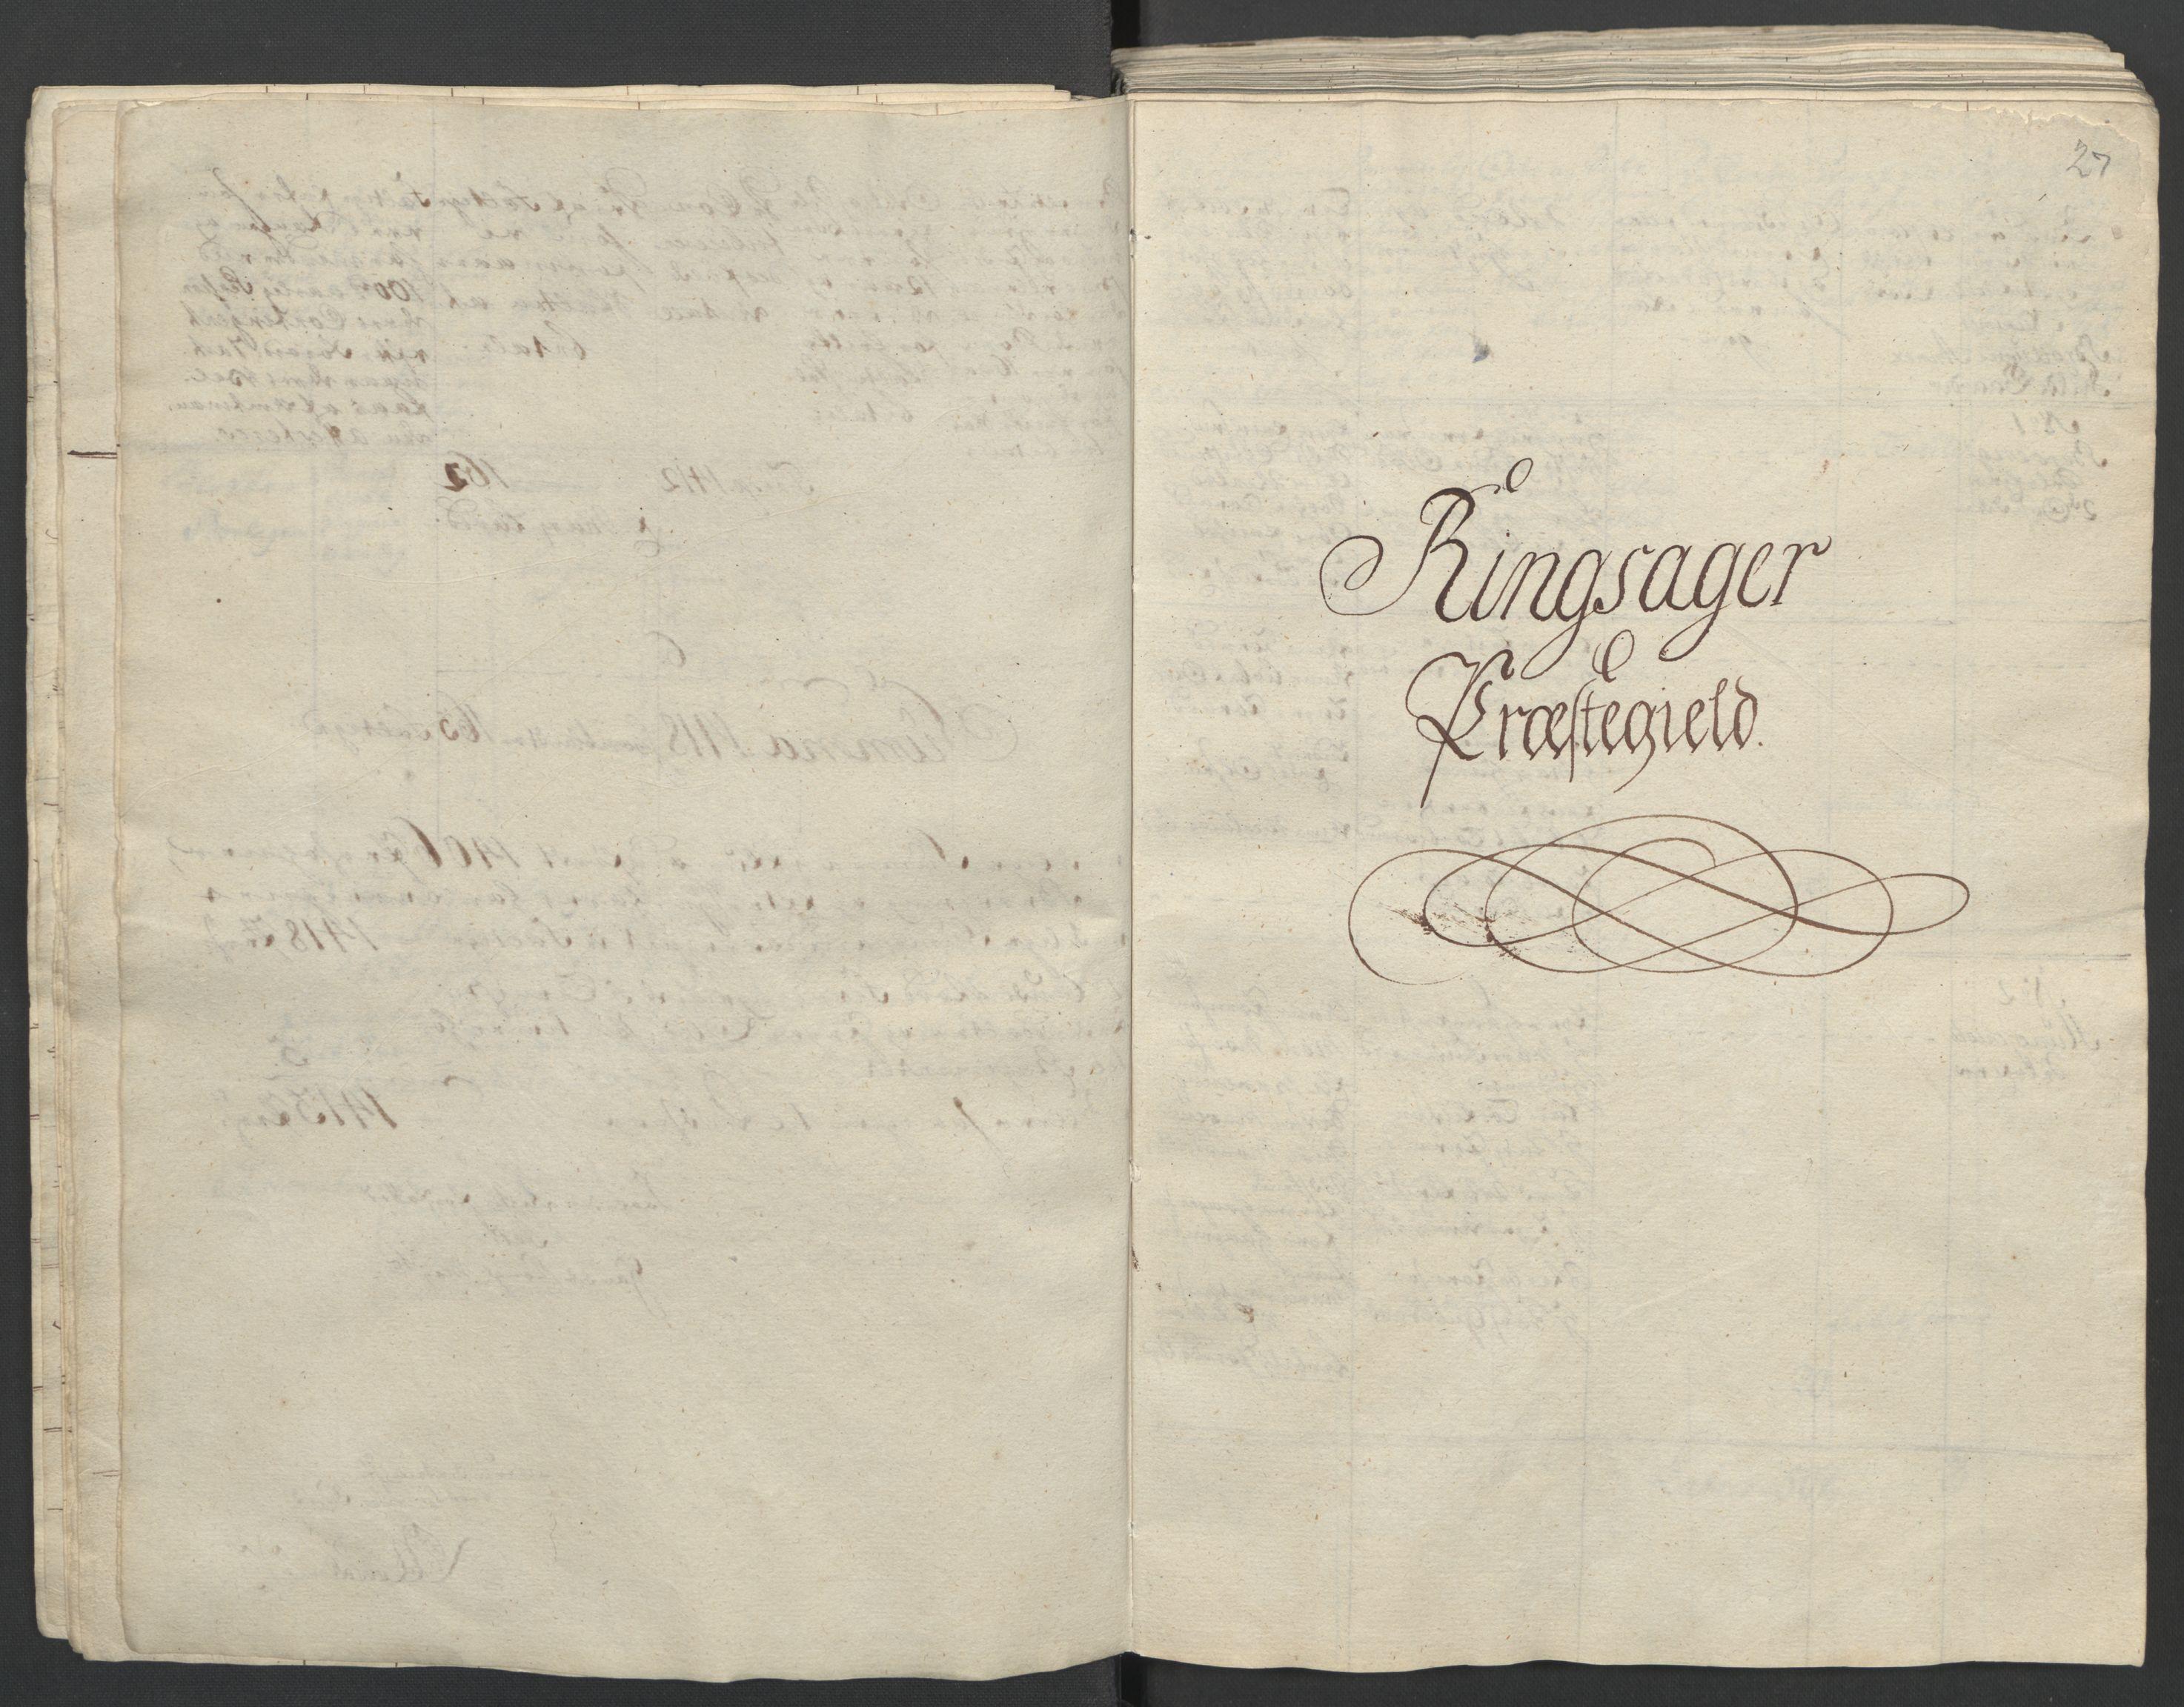 RA, Rentekammeret inntil 1814, Reviderte regnskaper, Fogderegnskap, R16/L1147: Ekstraskatten Hedmark, 1763-1764, s. 165